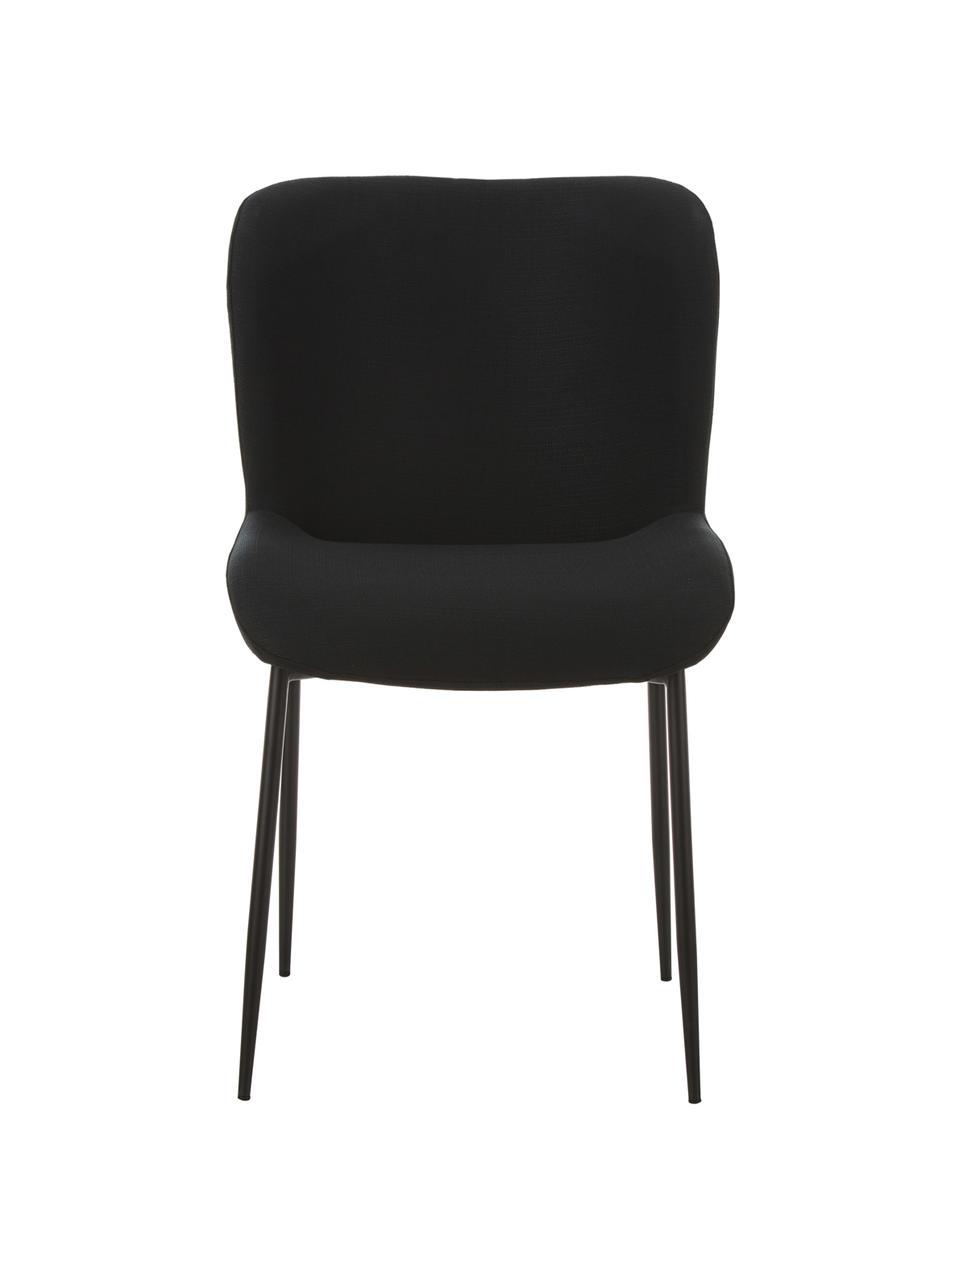 Sedia imbottita in tessuto nero Tess, Rivestimento: poliestere 25.000 cicli d, Gambe: metallo verniciato a polv, Tessuto nero, gambe: nero, Larg. 48 x Prof. 64 cm